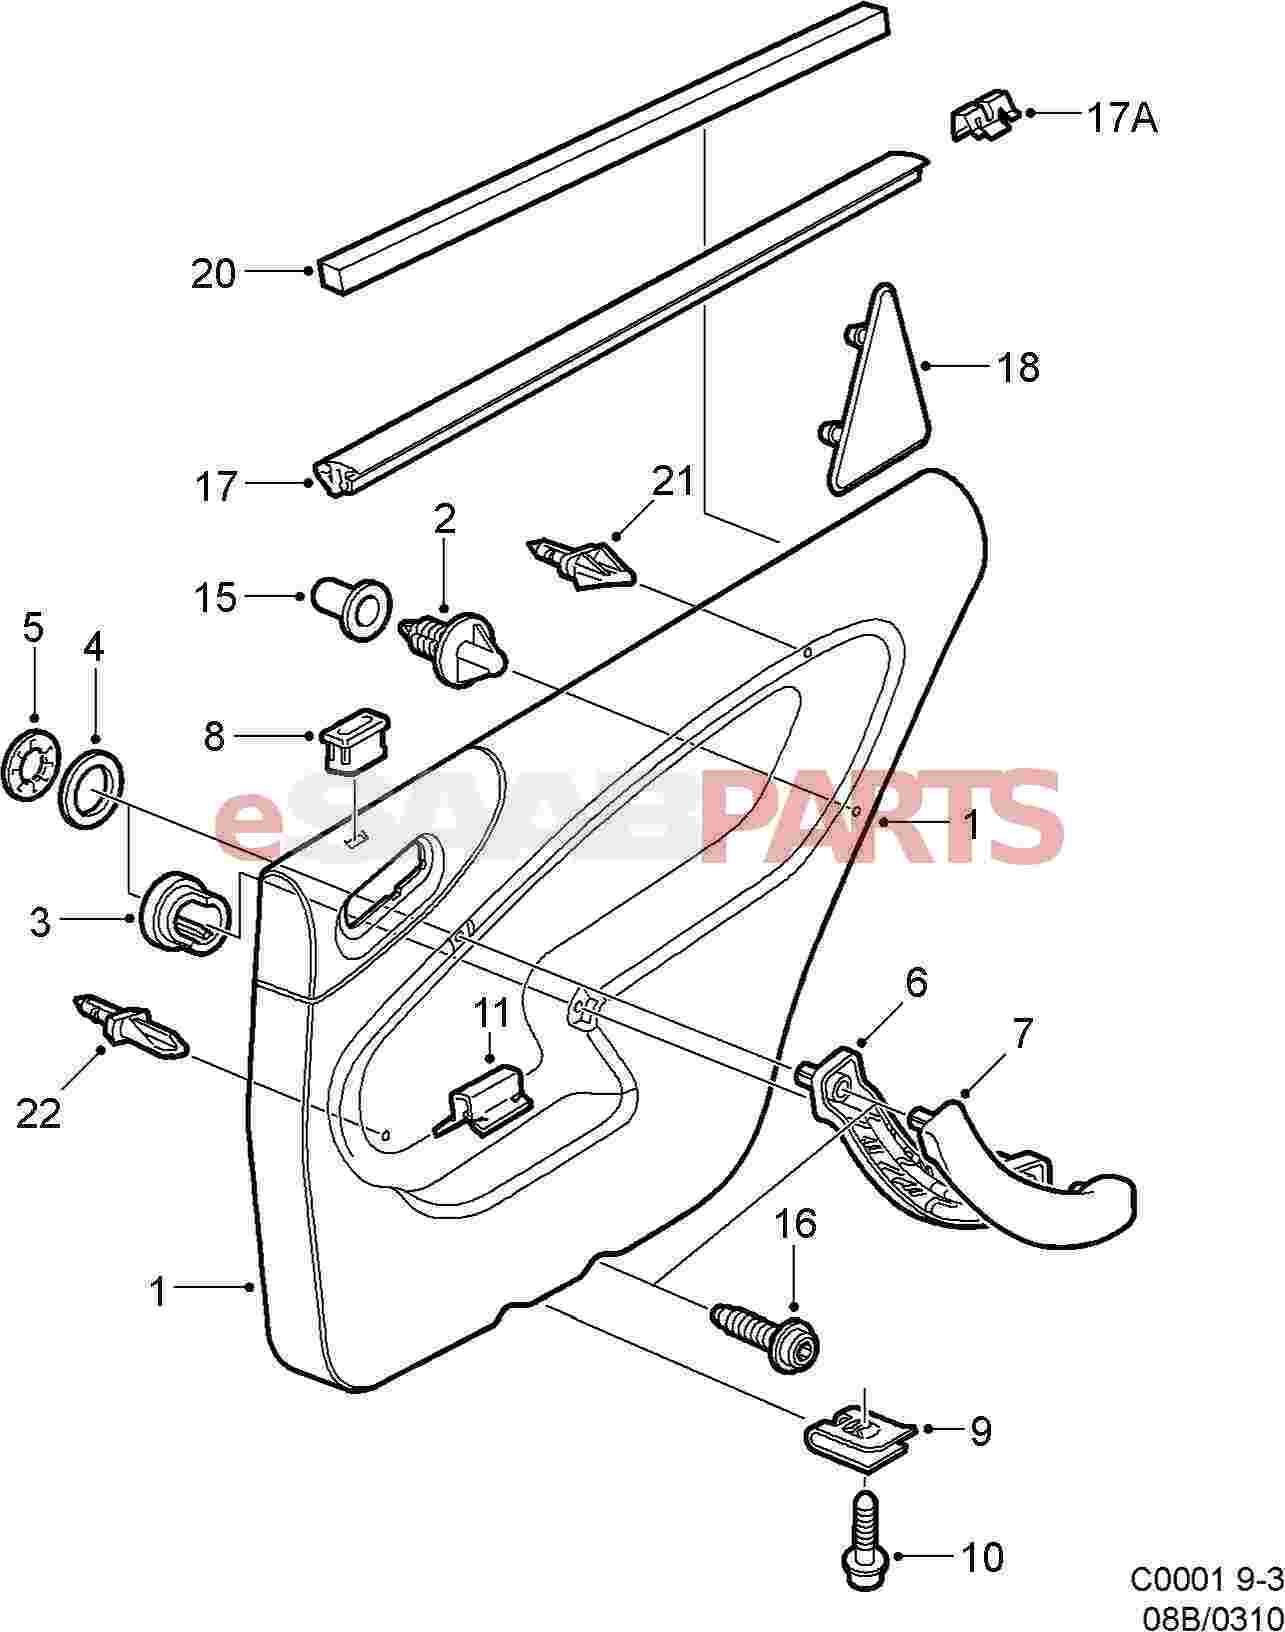 hight resolution of car door schematic blog wiring diagram car door light switch wiring diagram car door diagram